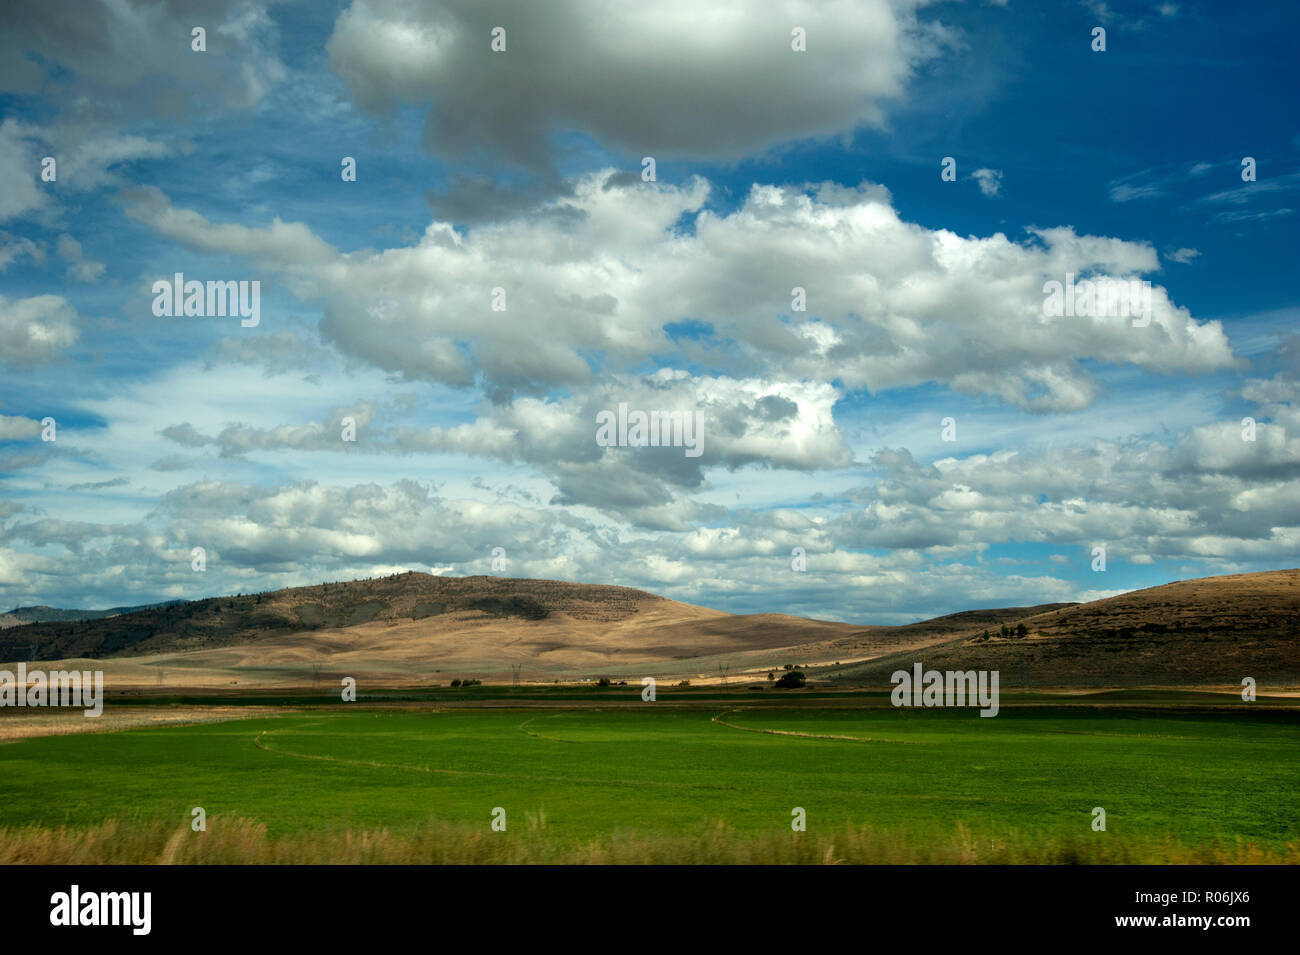 Grand ciel et terre ouverte dans le Montana, USA Photo Stock